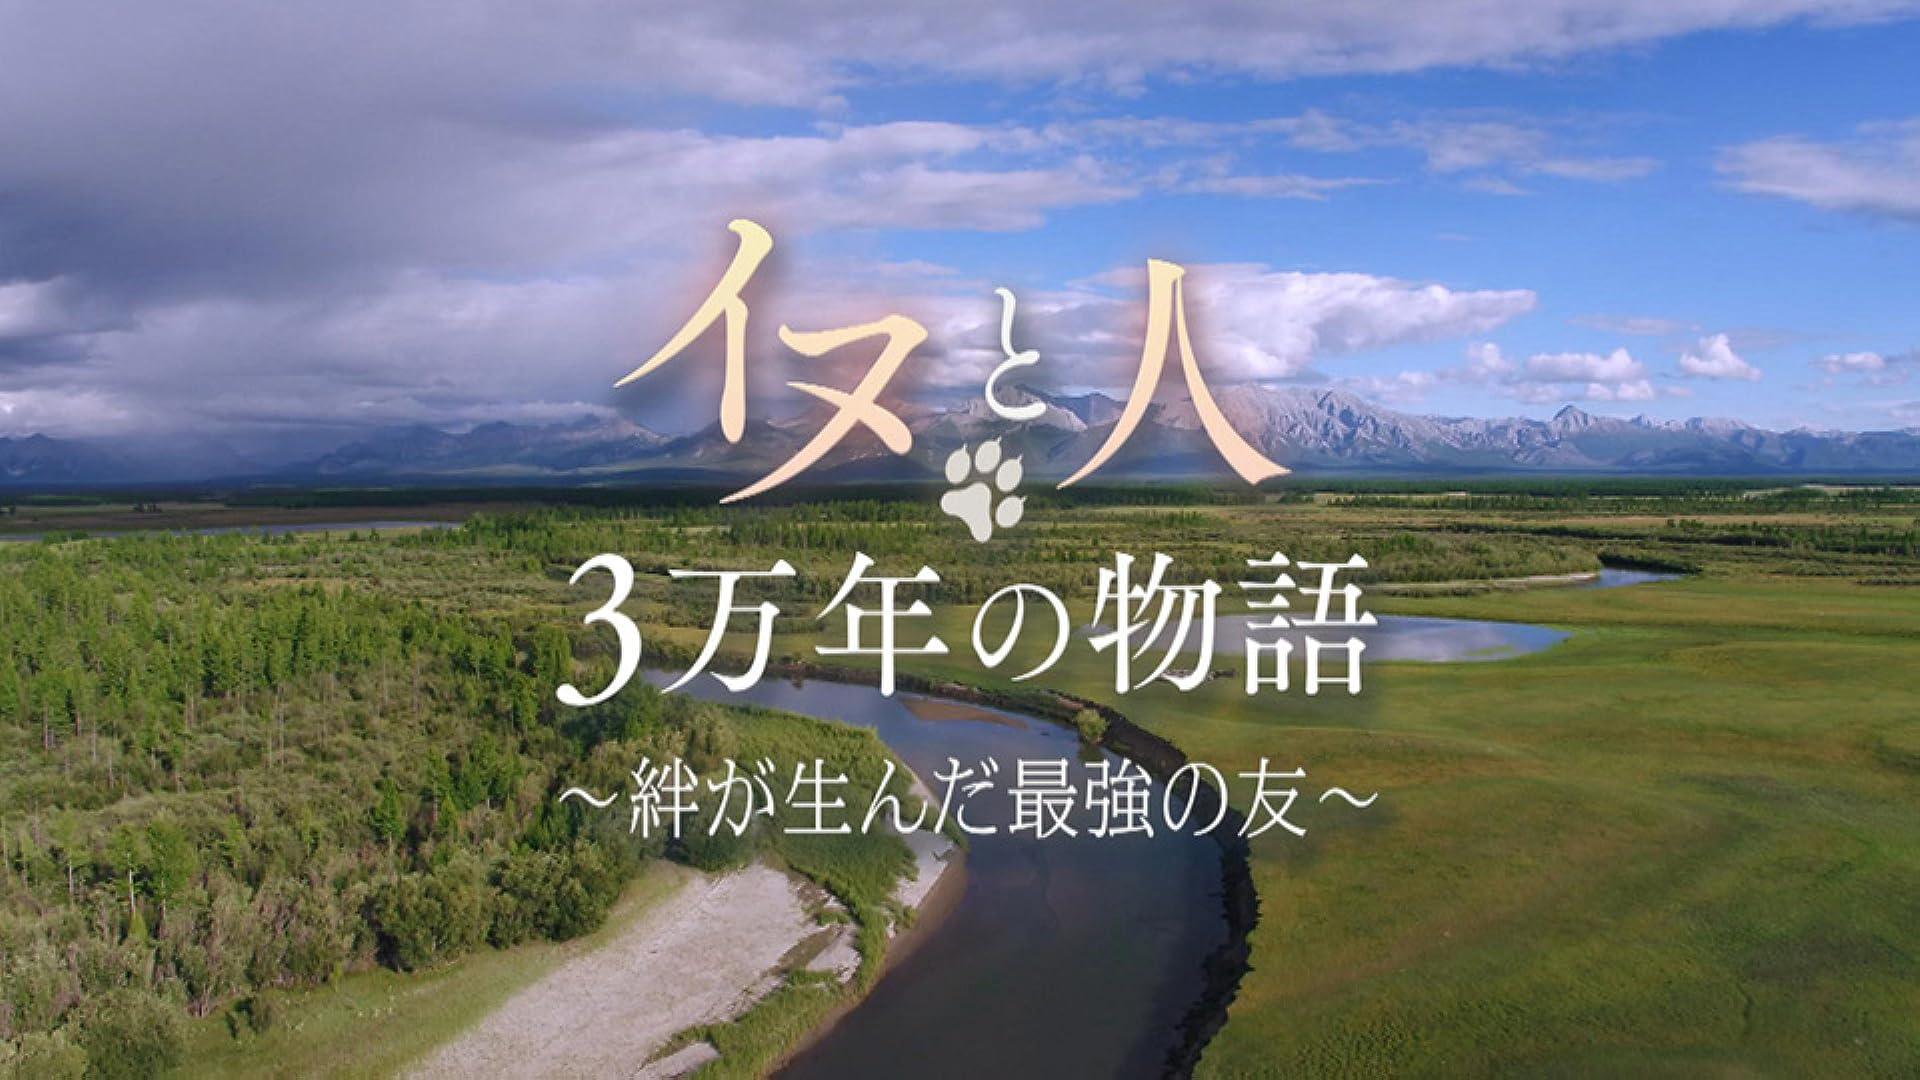 イヌと人の奇跡の物語(NHKオンデマンド)